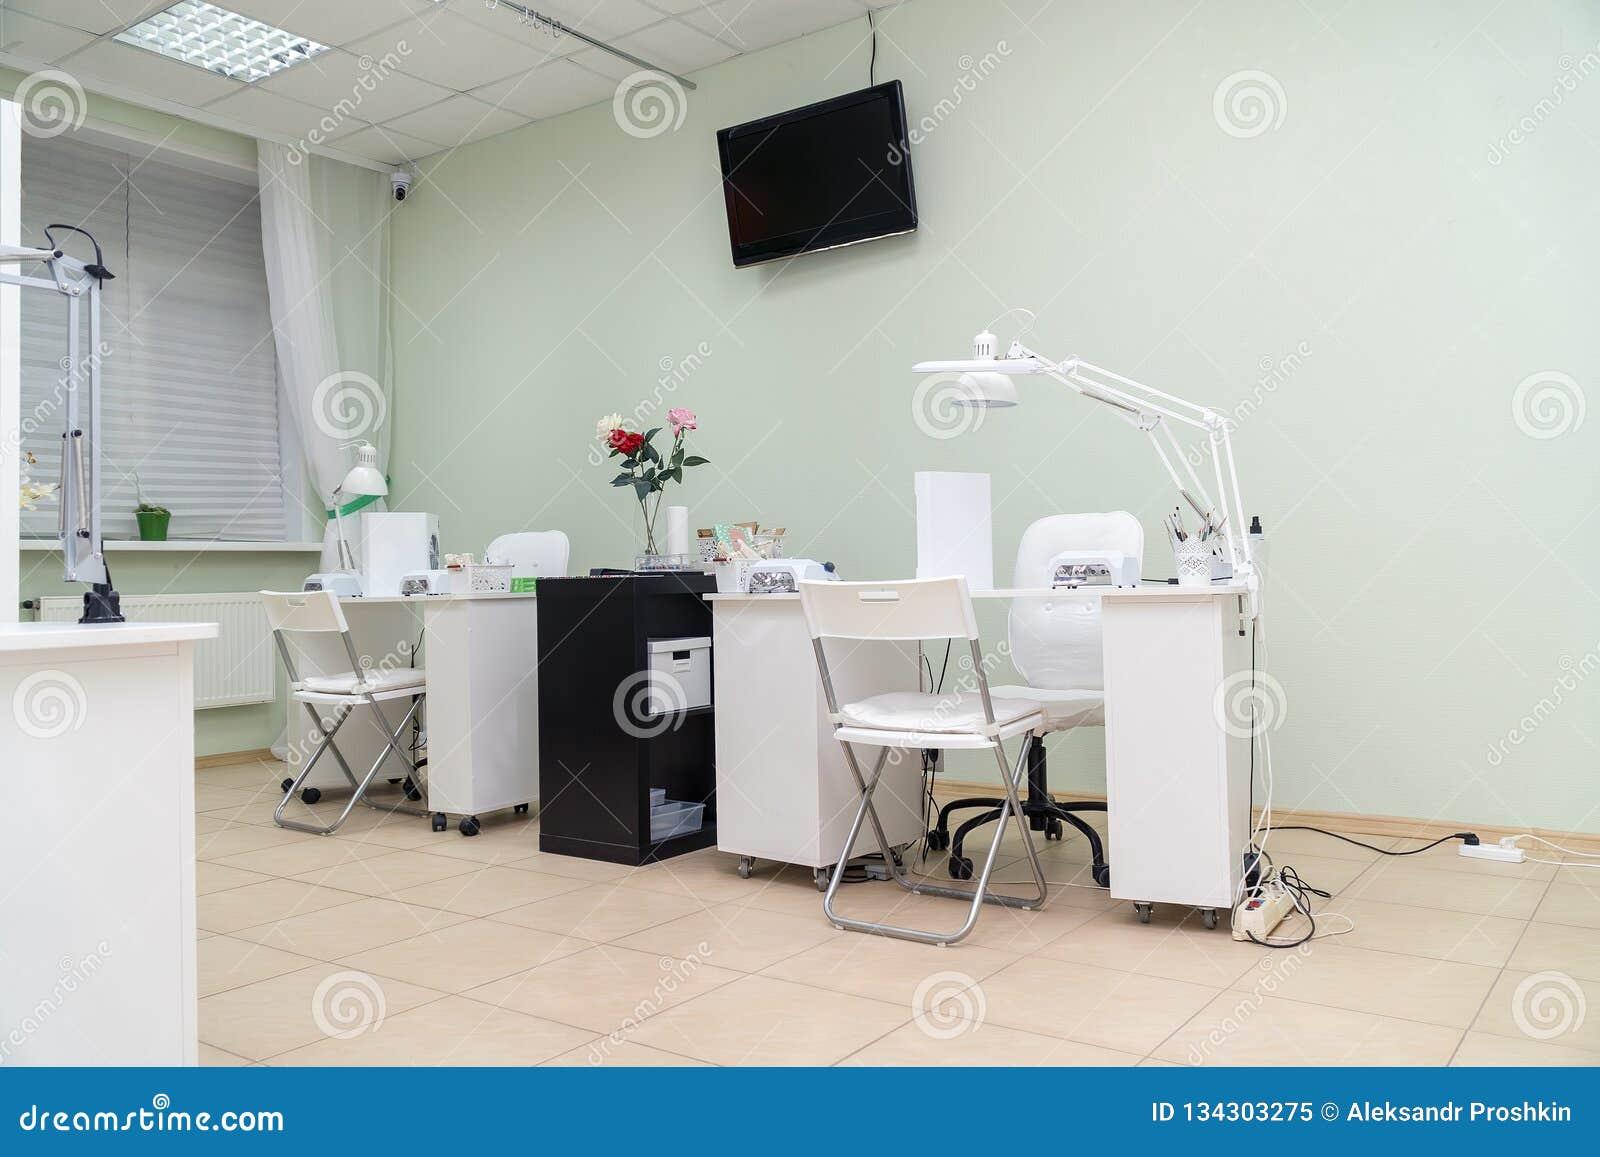 Interior Nail Salon And Manicurist Jobs In Spa Salon Stock Image